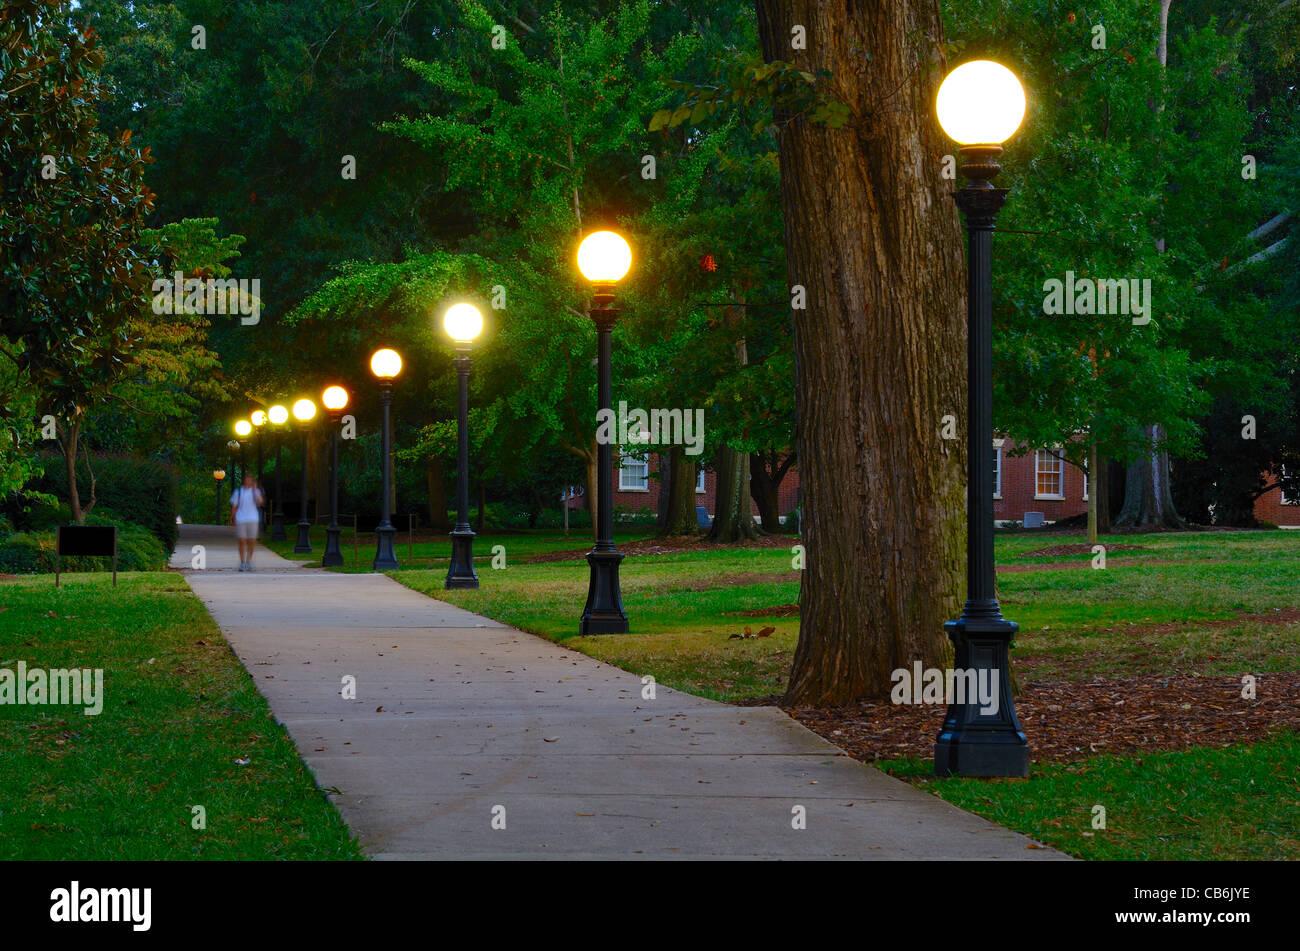 Le campus de l'université de Georgia à Athens, Géorgie. Photo Stock